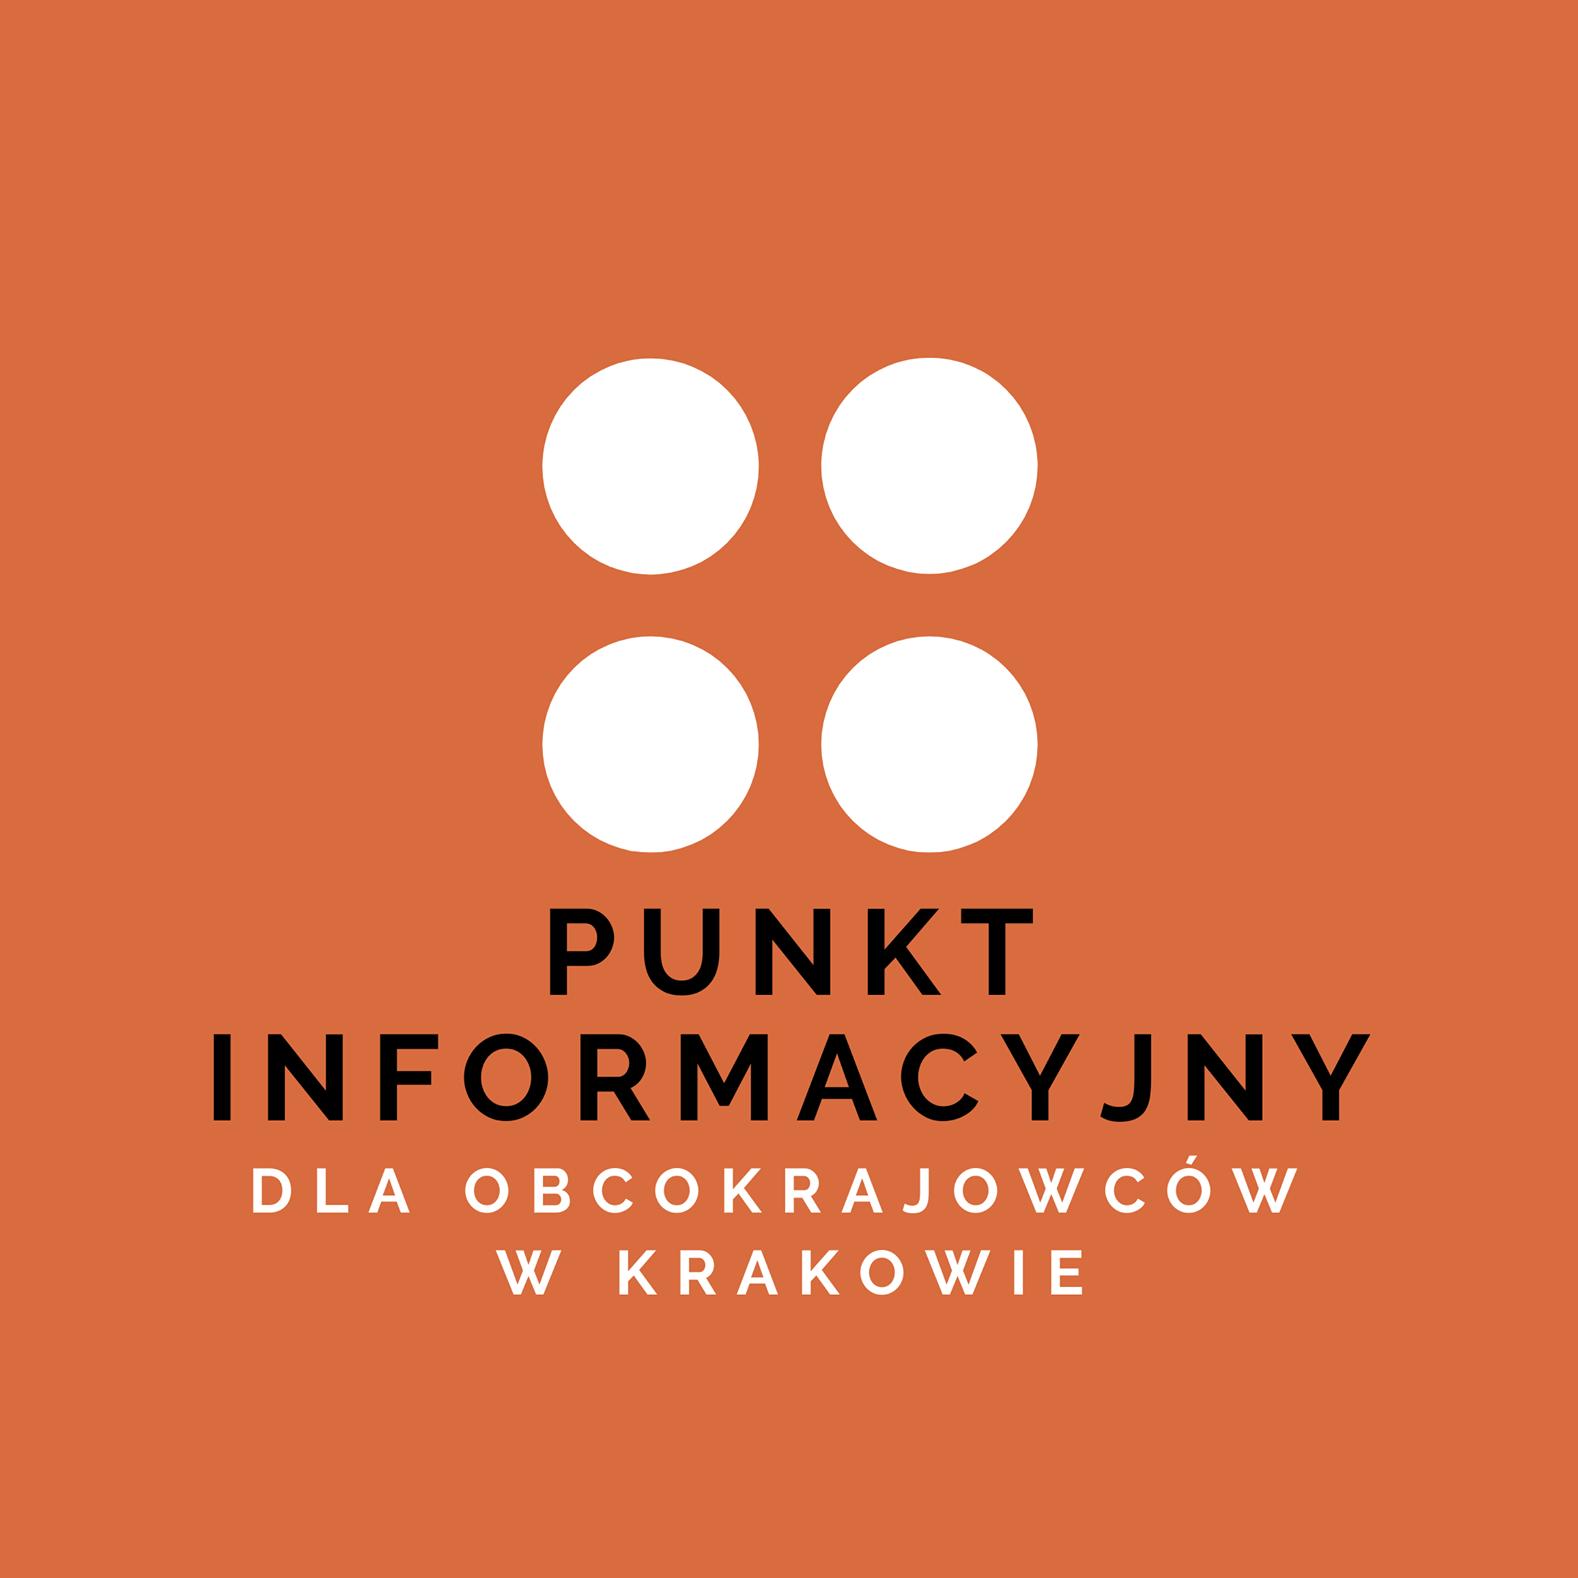 Punkt Informacyjny dla Obcokrajowców logo - Migrant Infopoint in Krakow